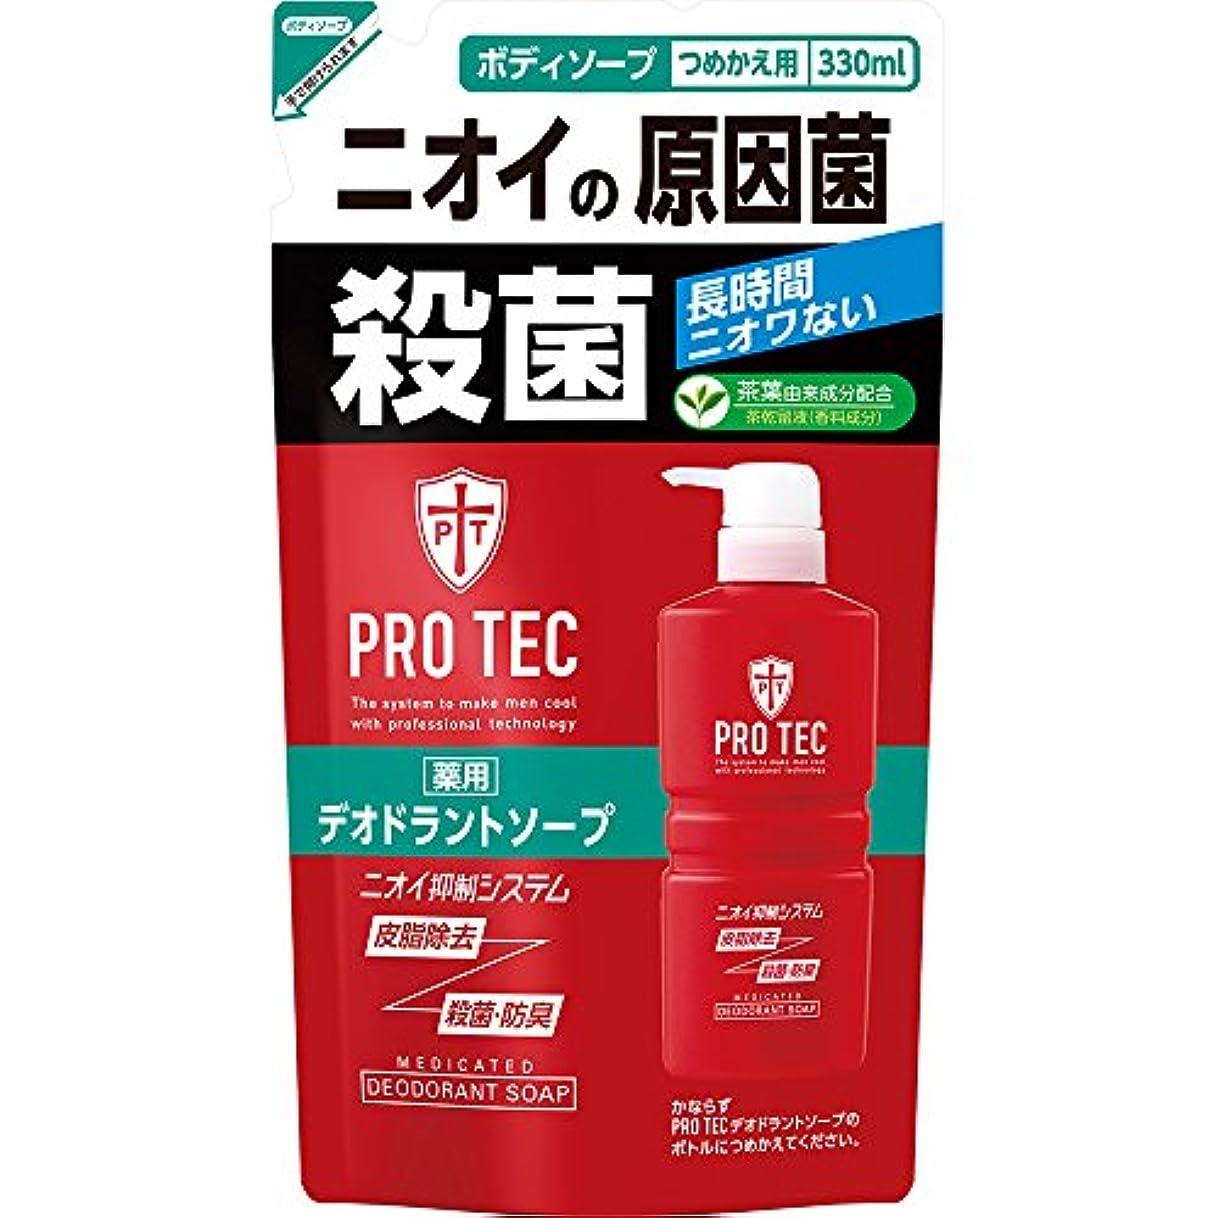 構成員唇パニックPRO TEC(プロテク) デオドラントソープ 詰め替え 330ml(医薬部外品)